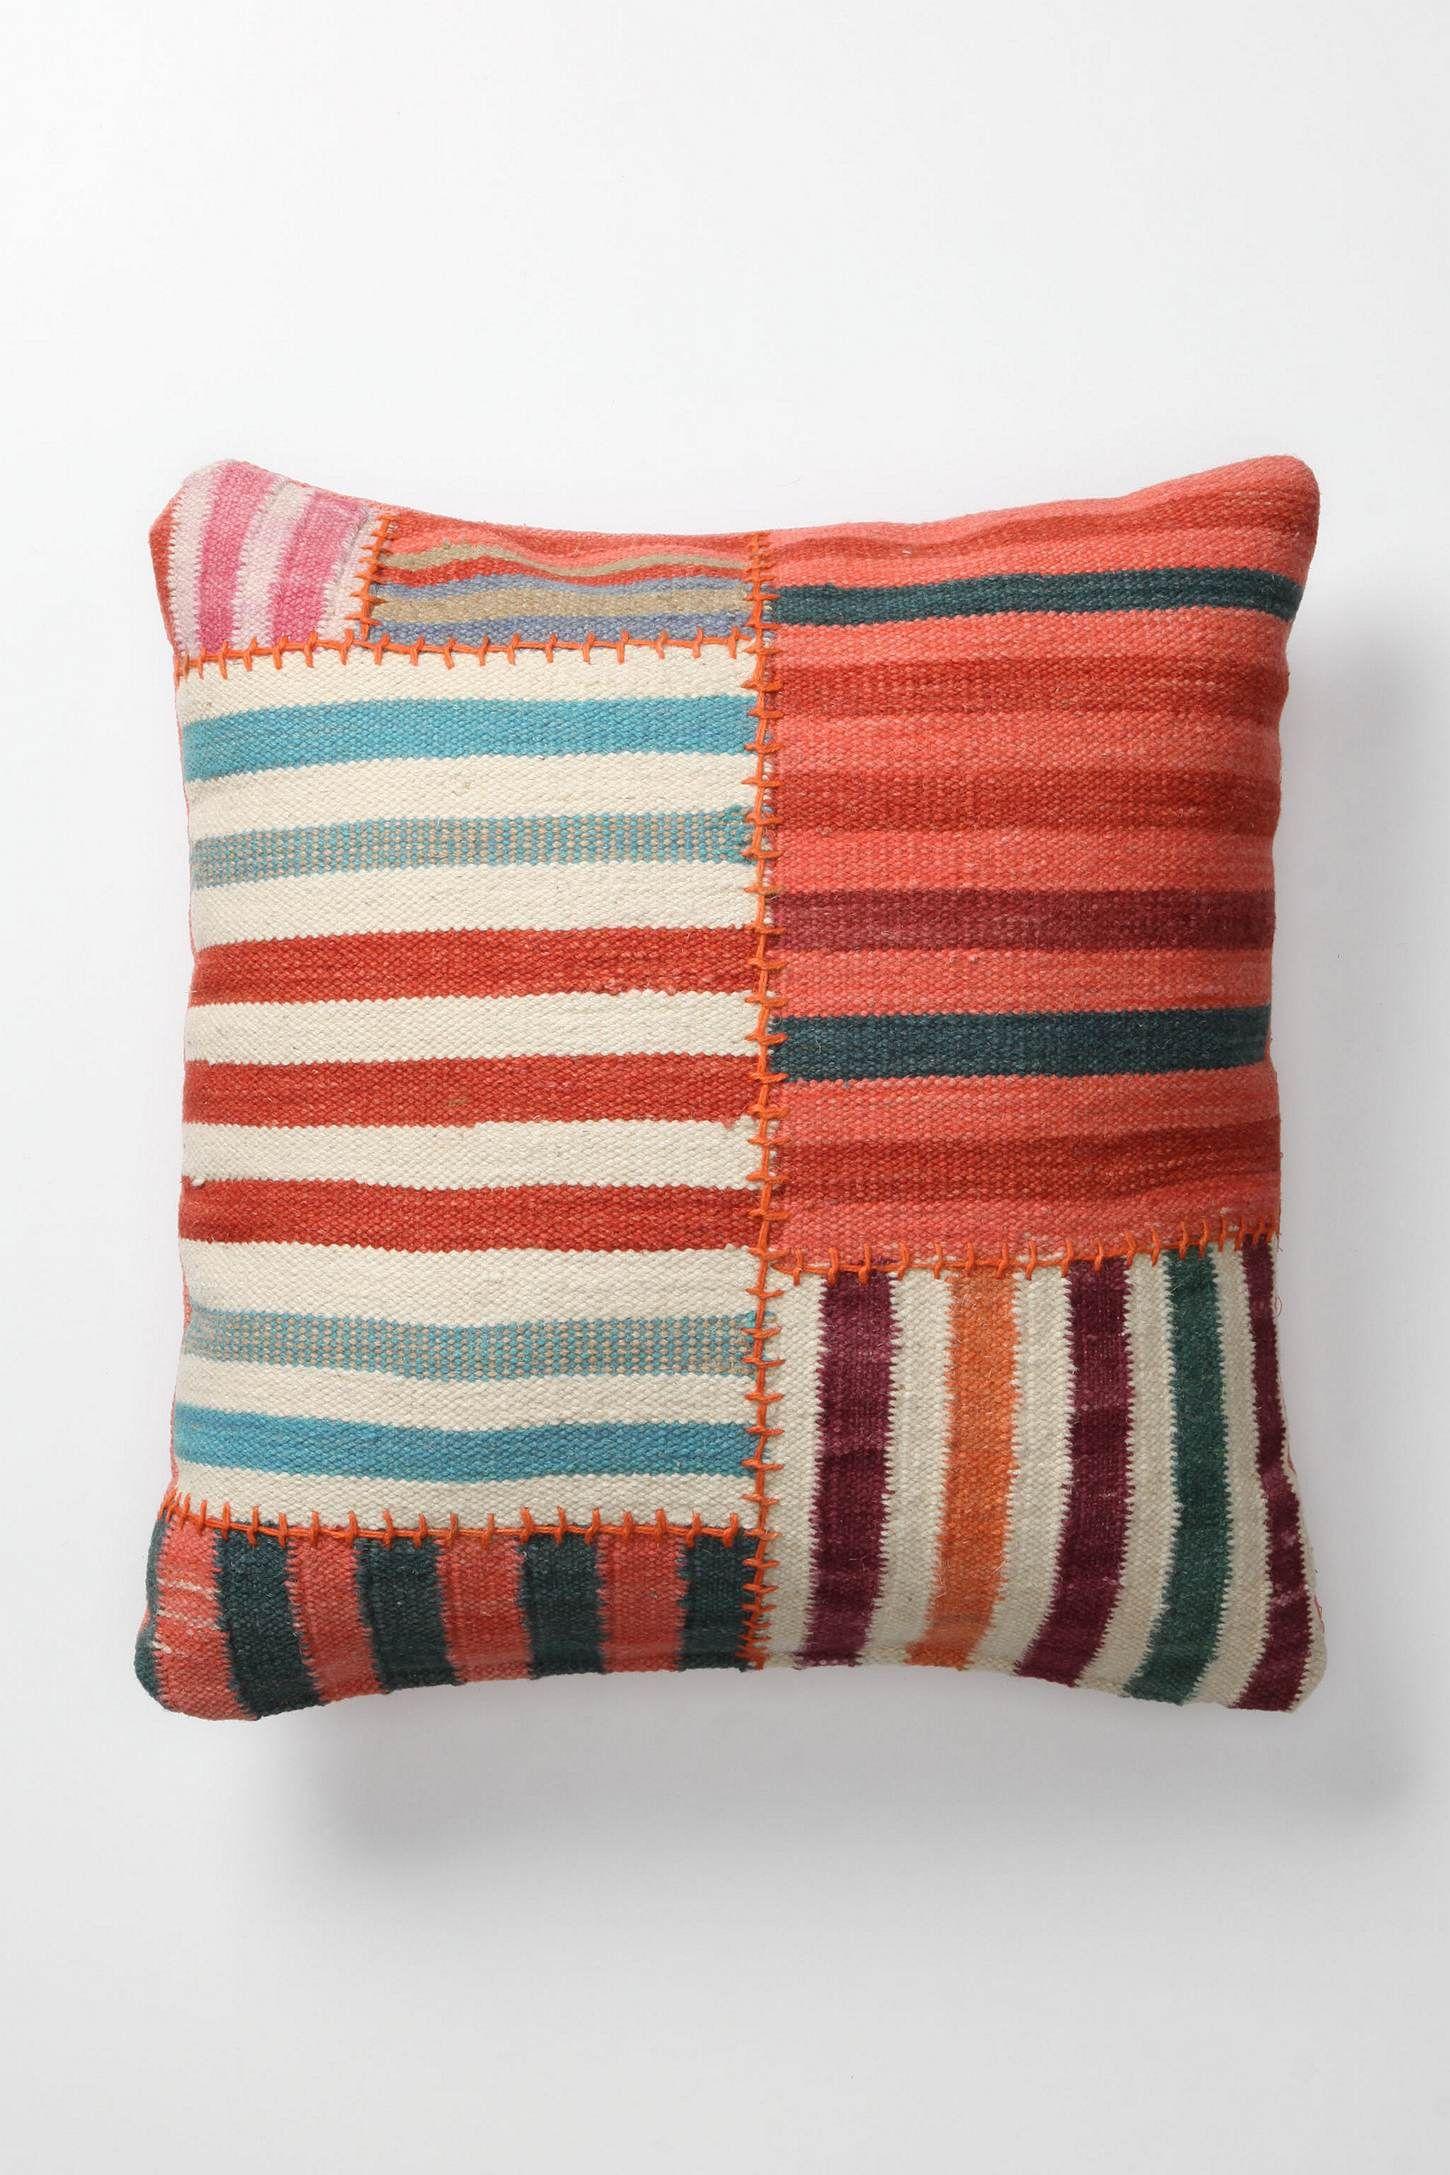 anthropologie pillow sy sticka virka kuddar. Black Bedroom Furniture Sets. Home Design Ideas